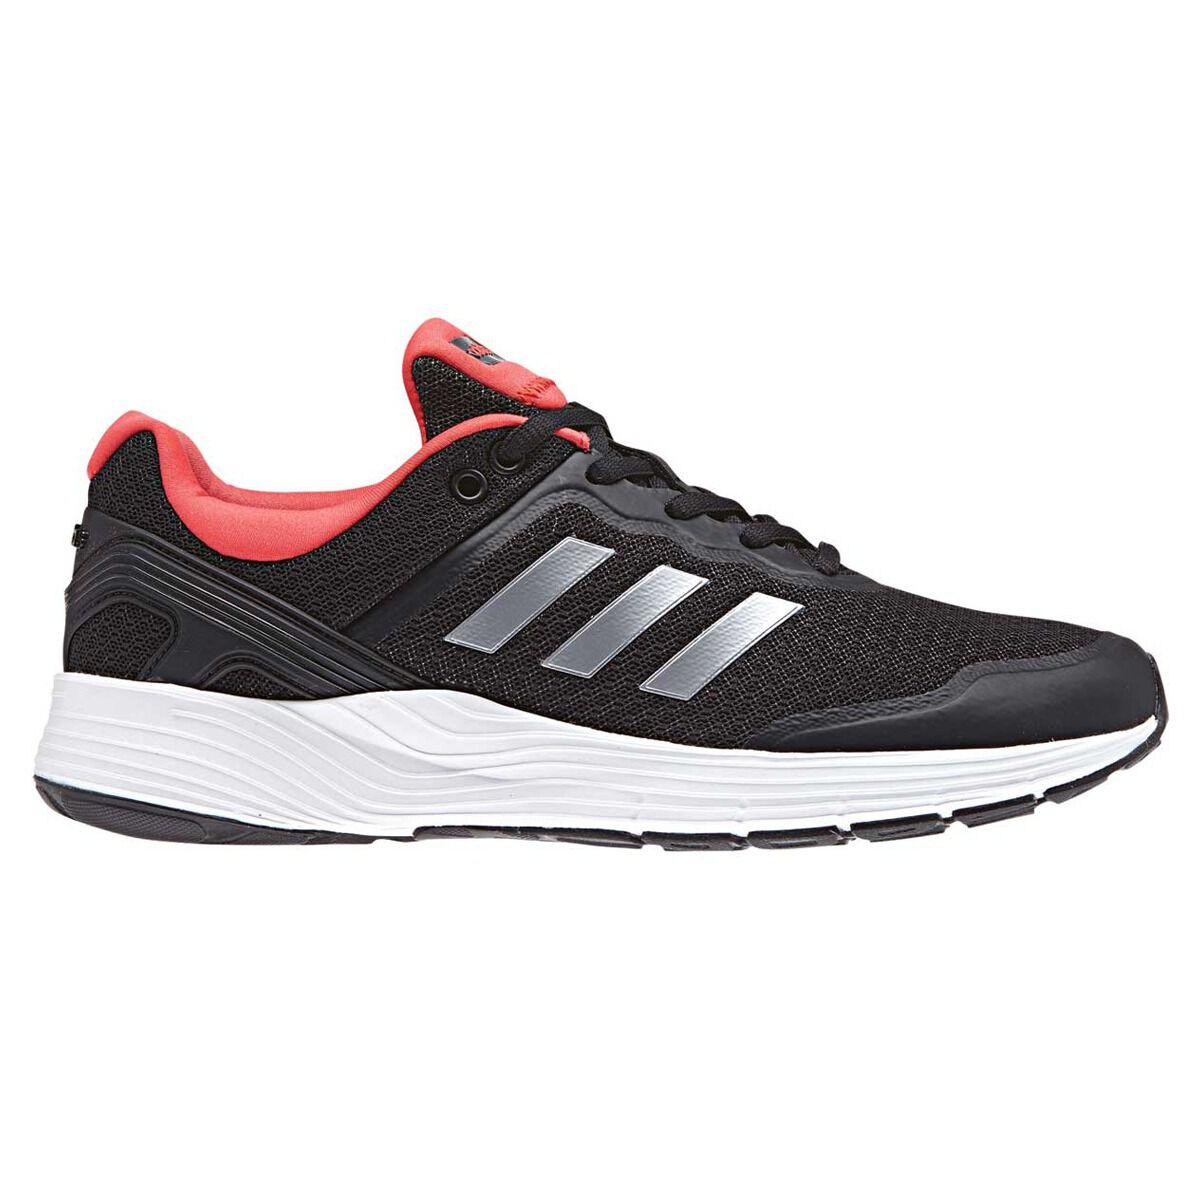 adidas fluidcloud ambizioso donne scarpe da corsa nero / rosso noi 7